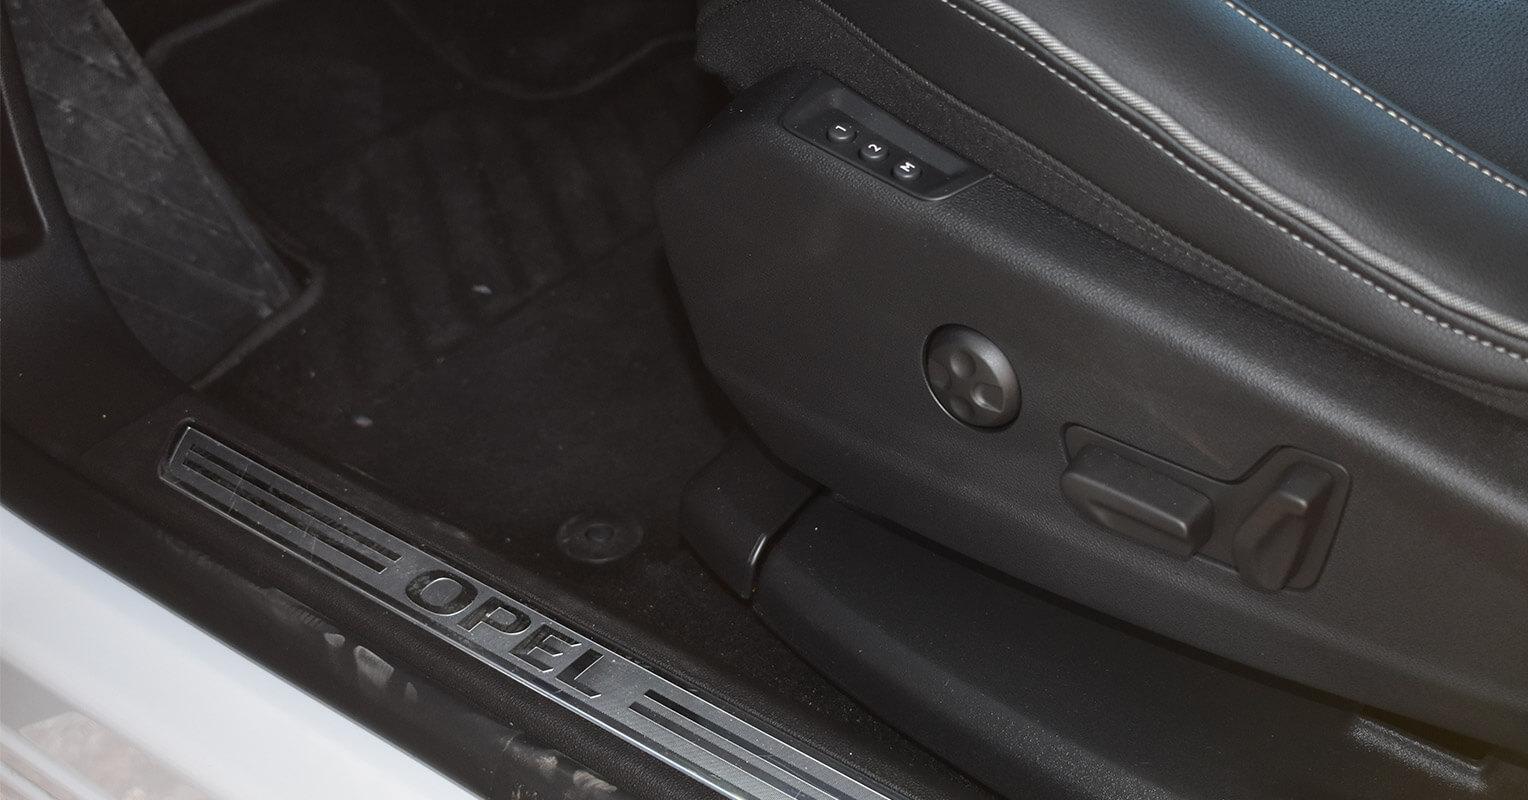 Regulación eléctrica de los asientos del Opel Grandland X